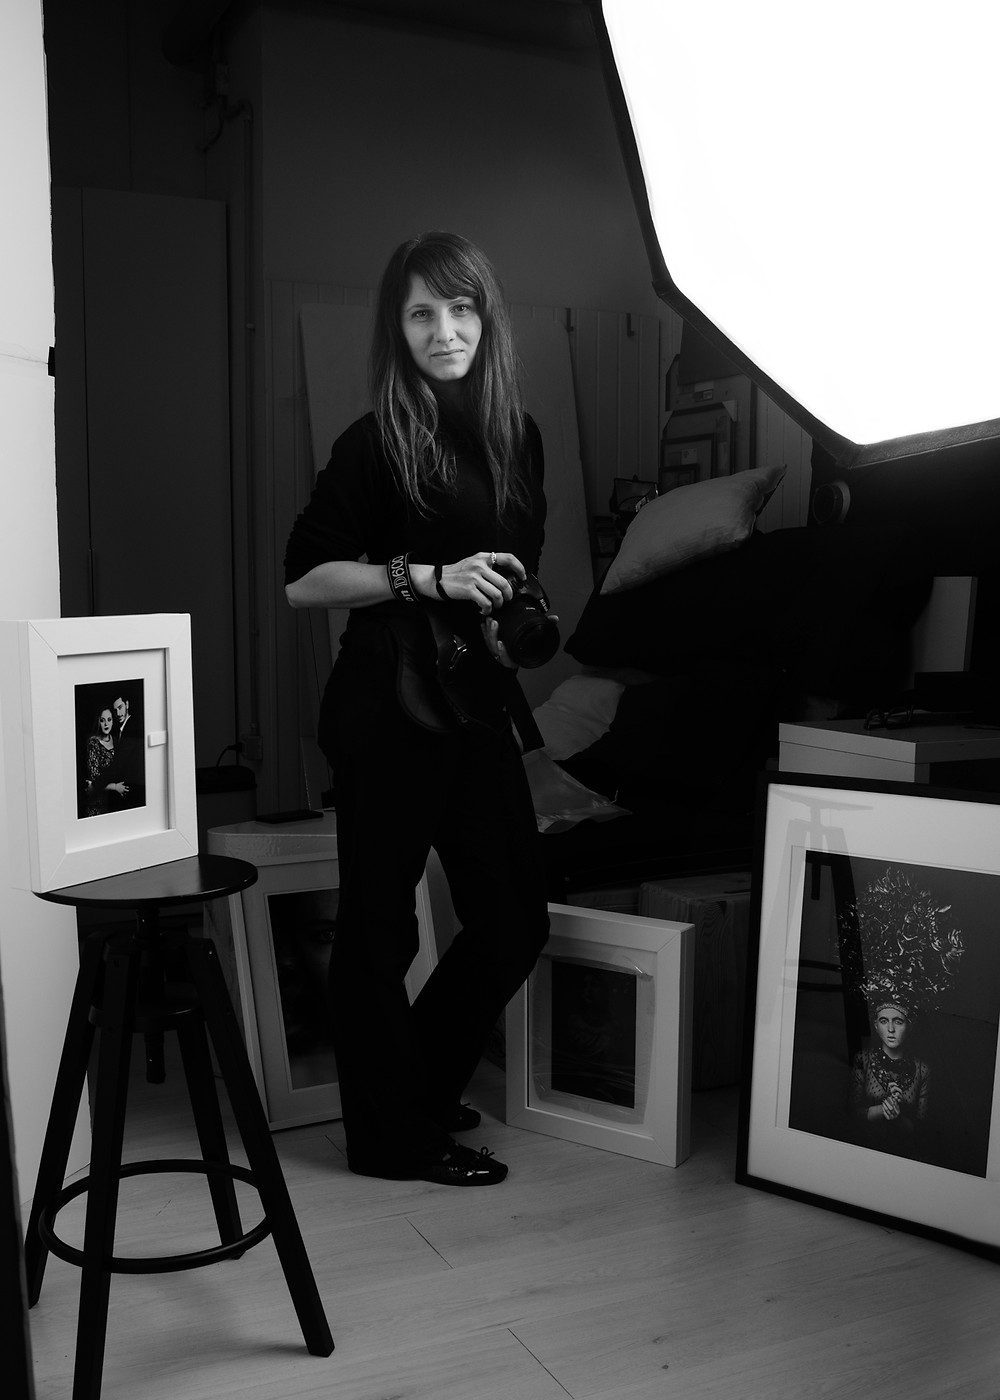 fotografa di ritratto milano studio fotografico portrait Federica Nardese fotografa di ritratto milano